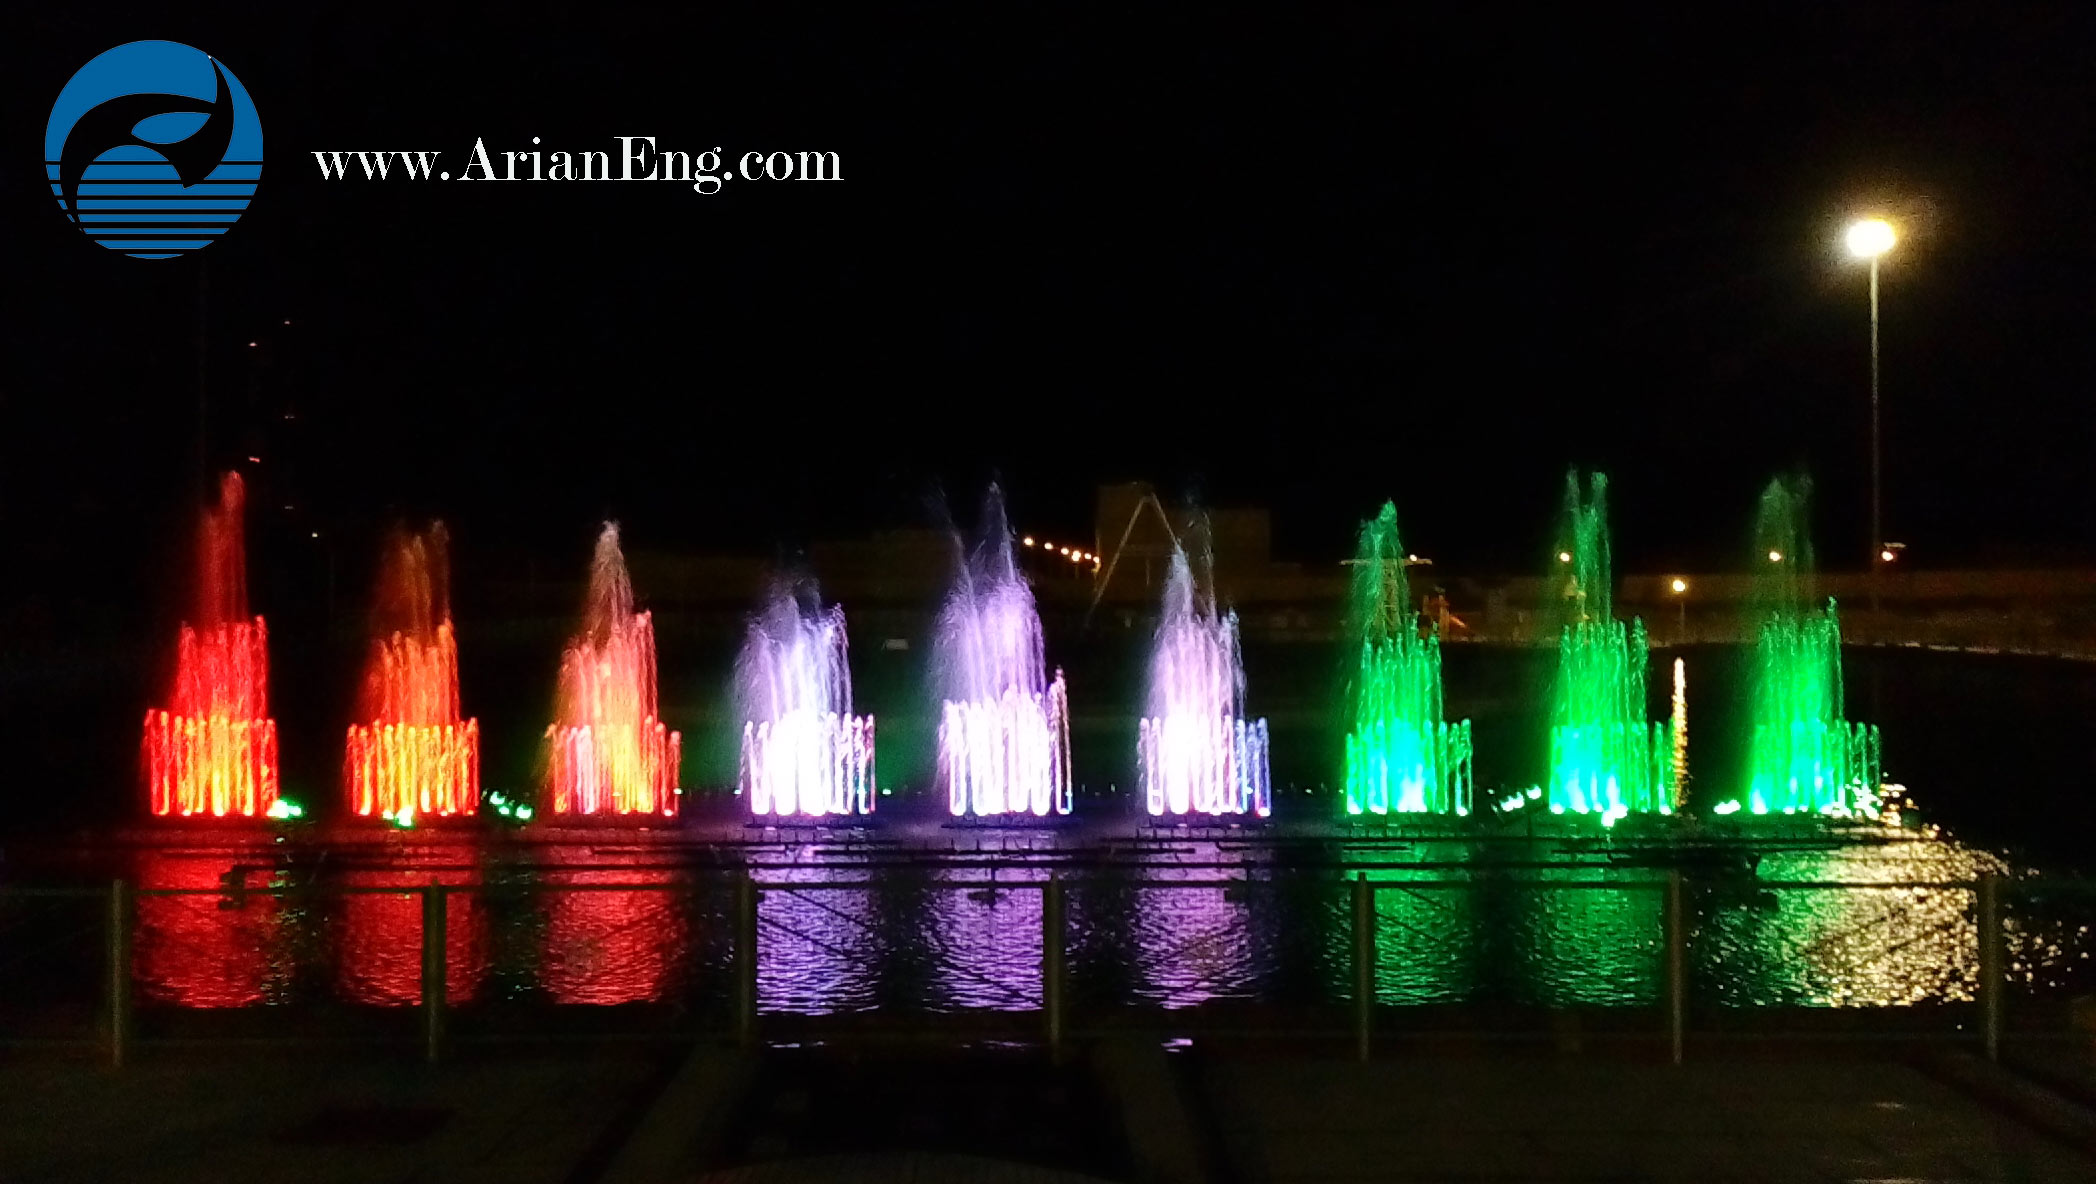 آبنمای موزیکال و هارمونیک پارک بزرگ شهر ( یزد )